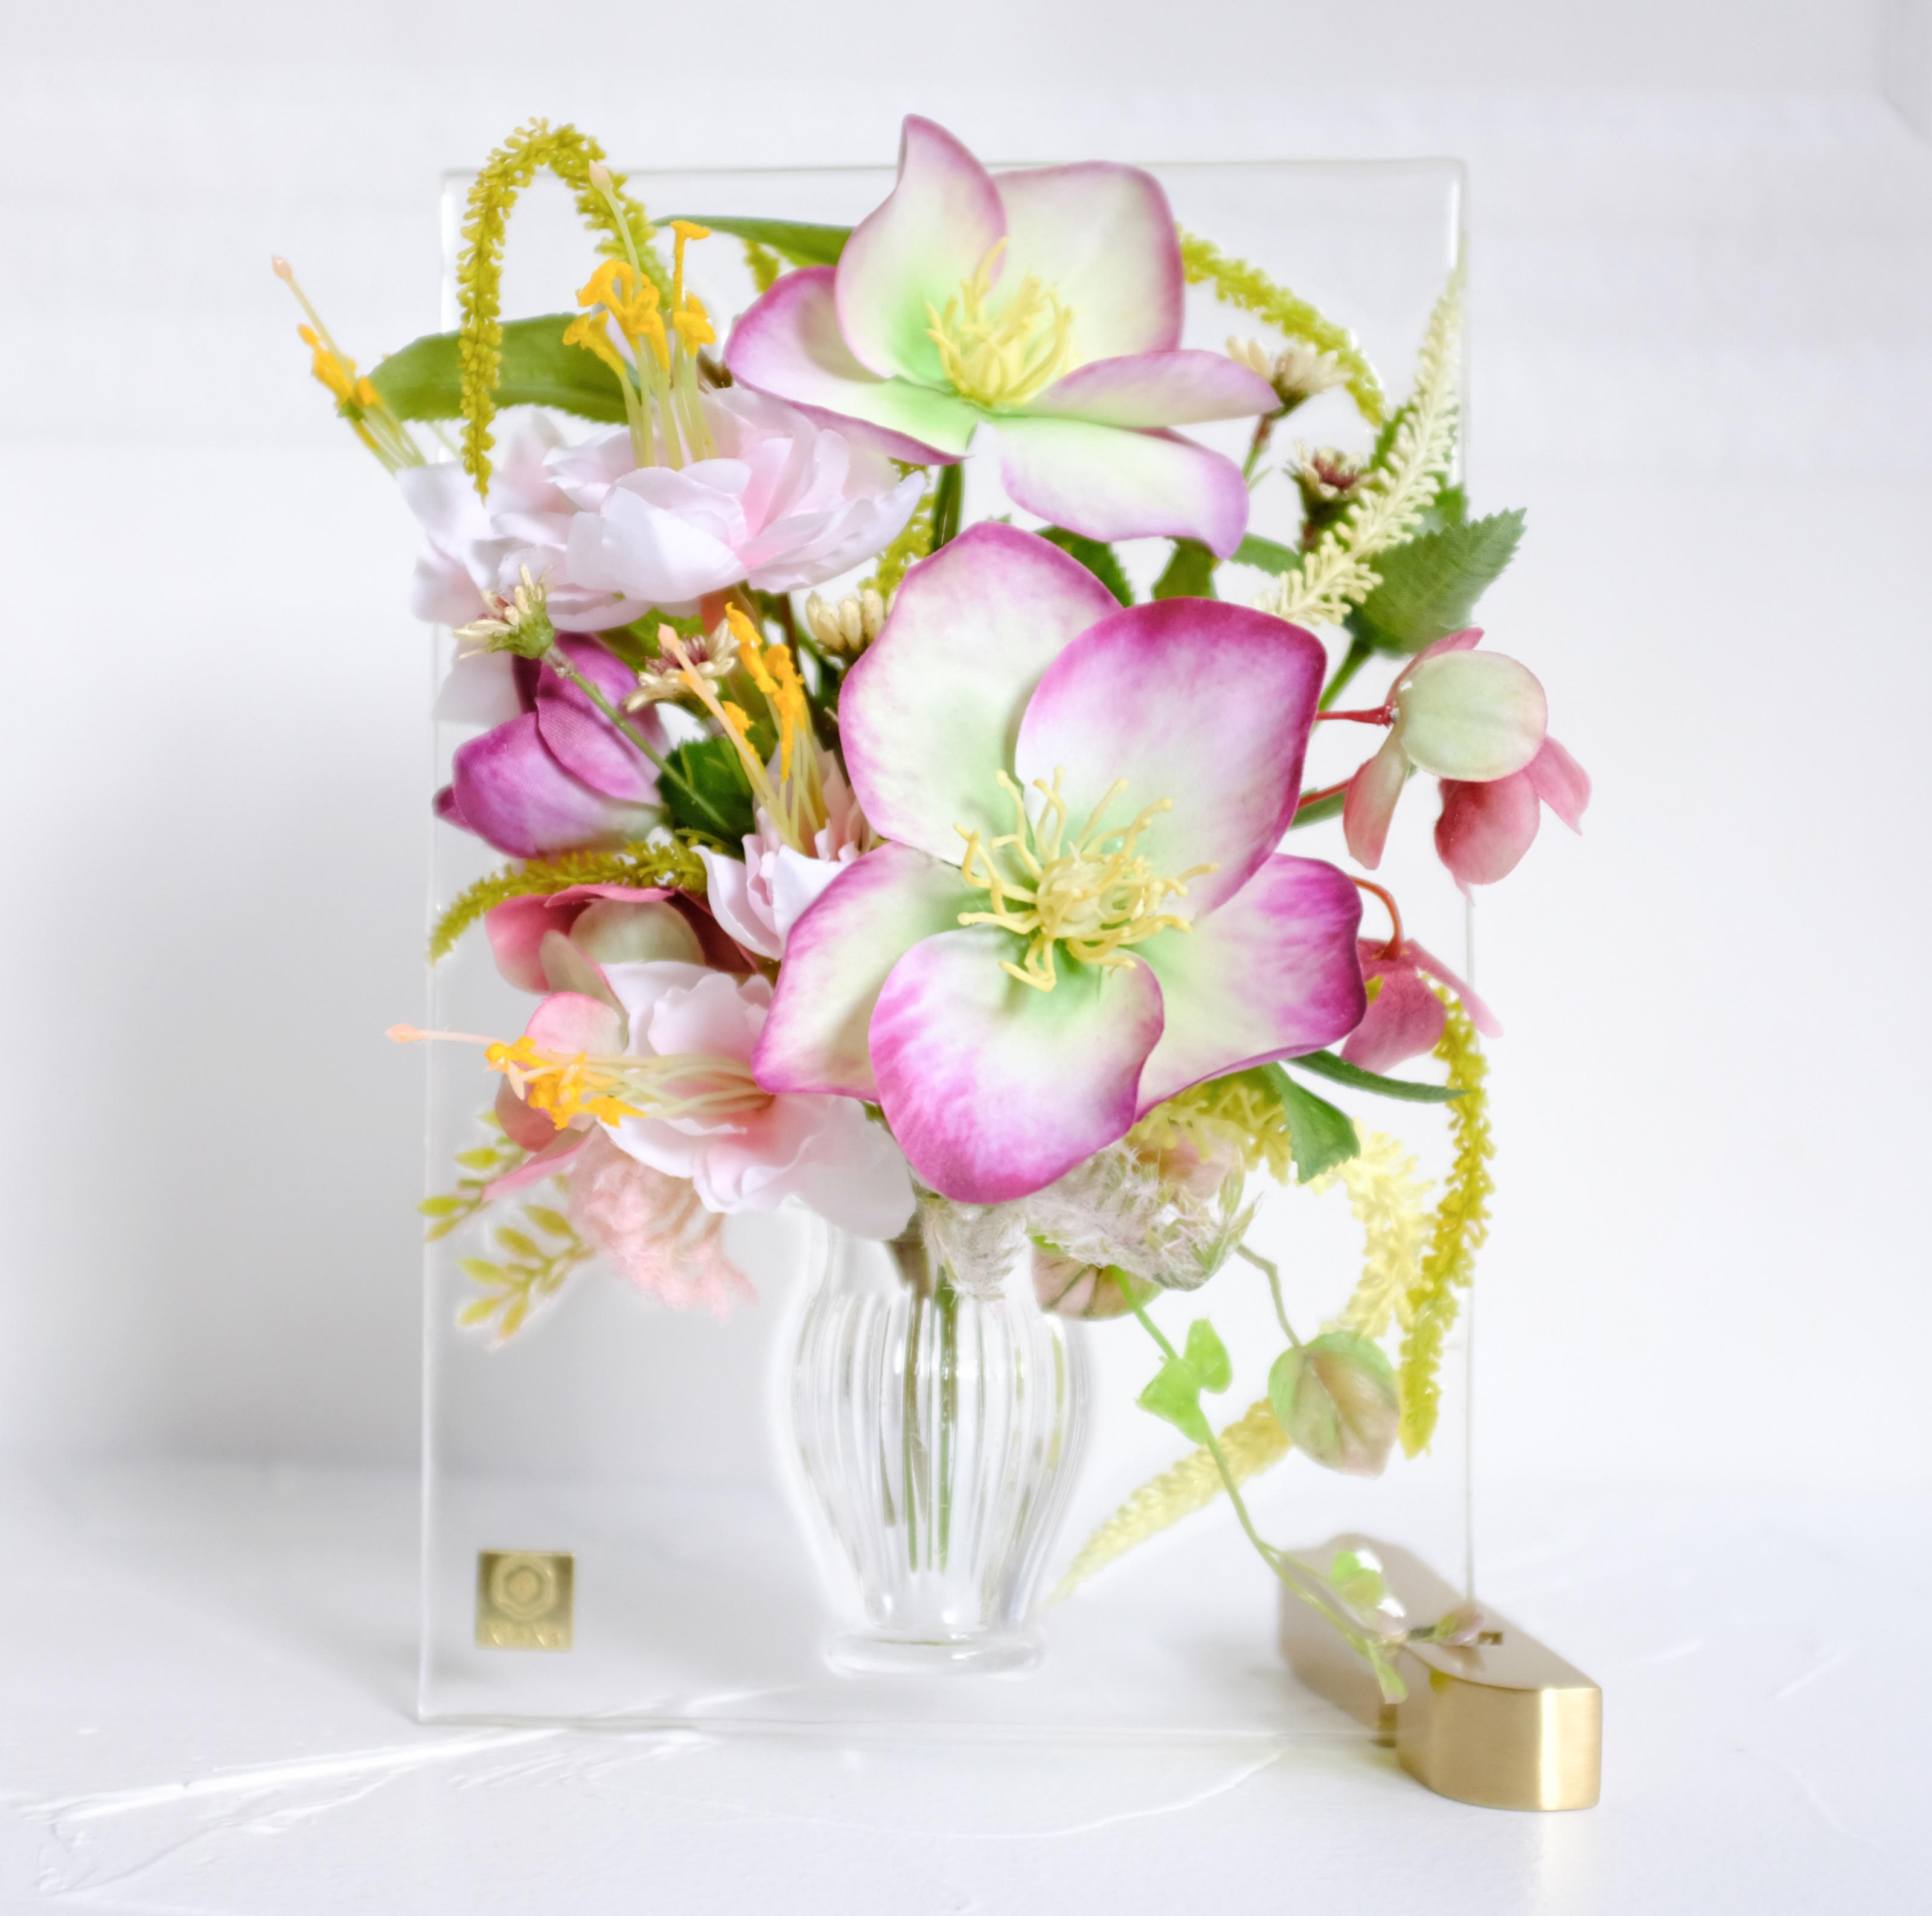 sumika S クリスマスローズ アンティーク花瓶シリーズ